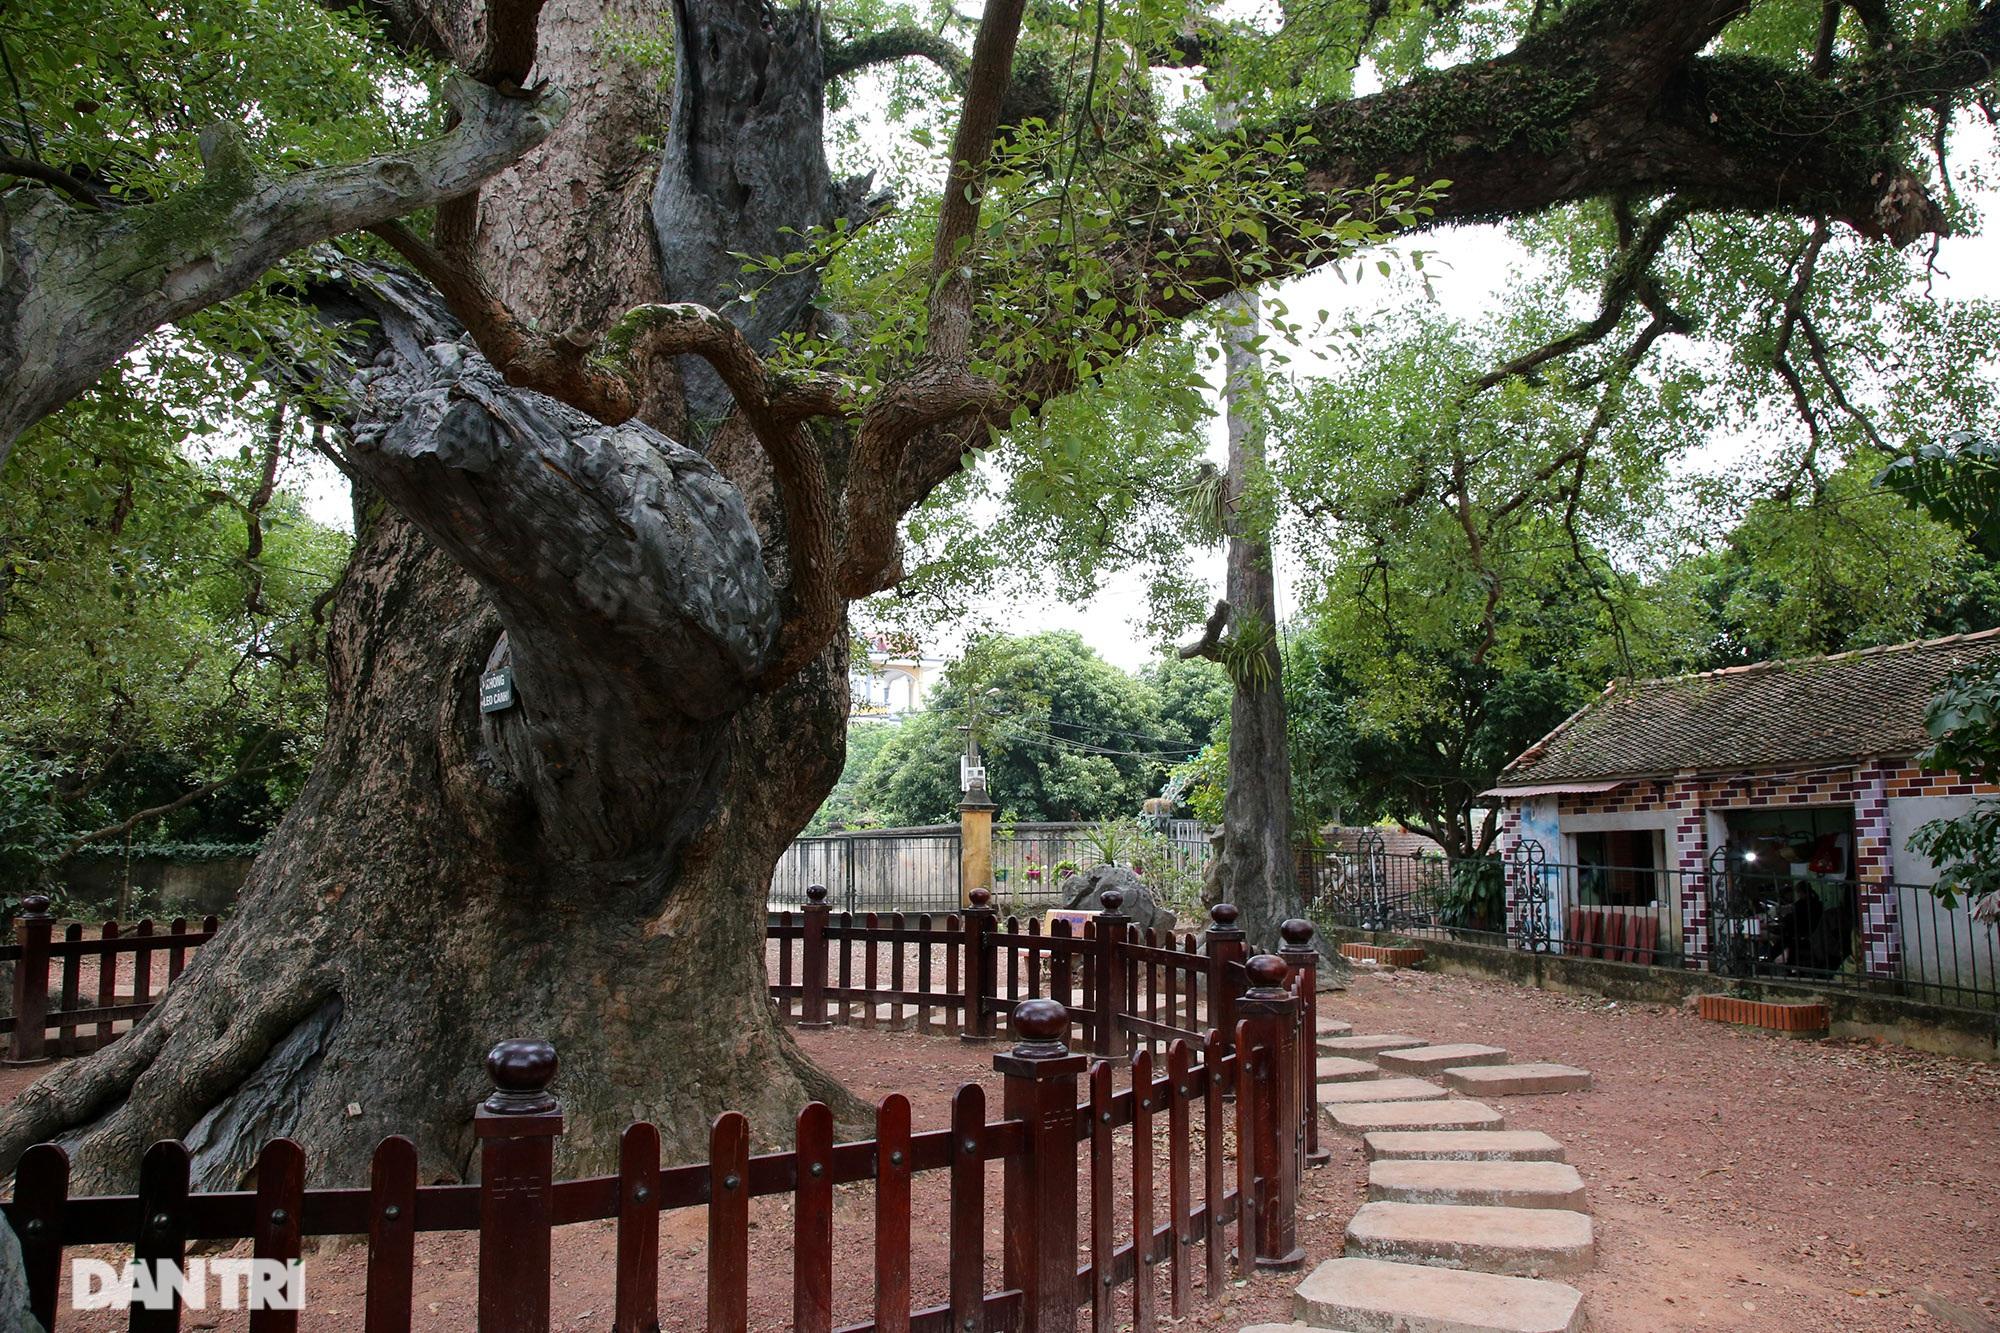 Cây dã hương kì vĩ lớn nhất thế giới tại Bắc Giang - 10